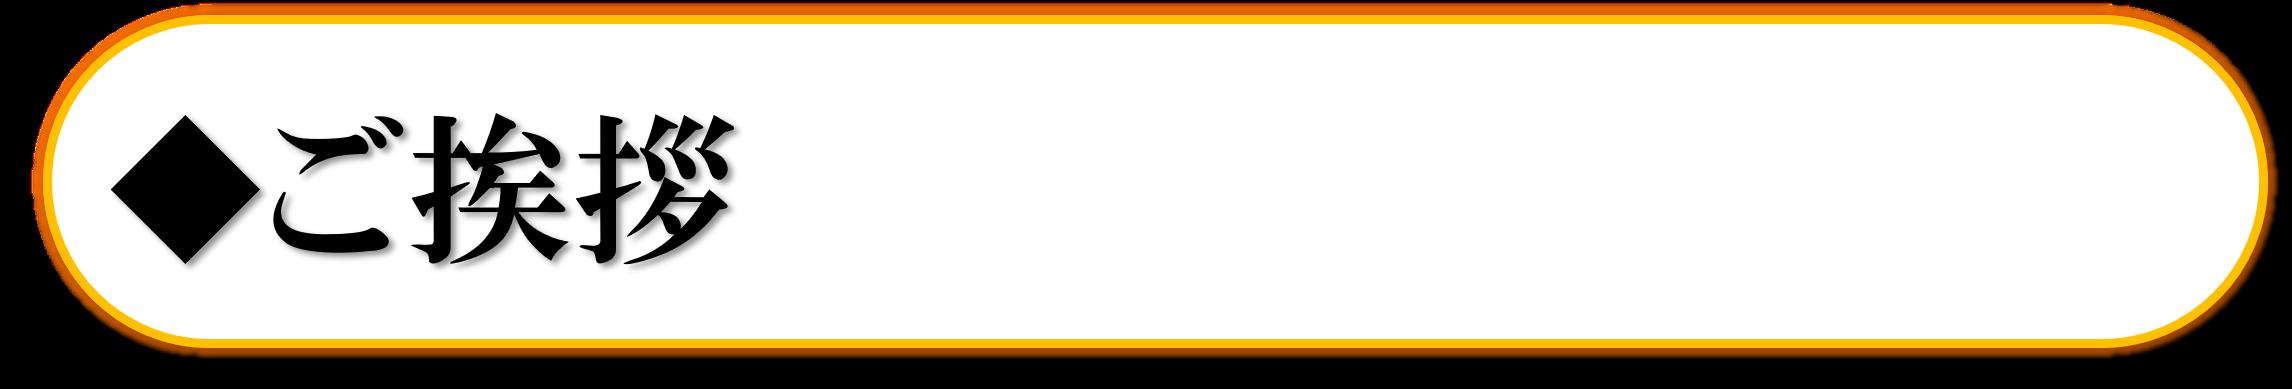 挨拶 たけうち治療院 あいさつバナー 船橋市三咲の鍼灸治療院 腰痛肩こり自律神経の乱れにははりきゅう治療がおすすめです 三咲駅から徒歩3分 駐車場完備 011.png